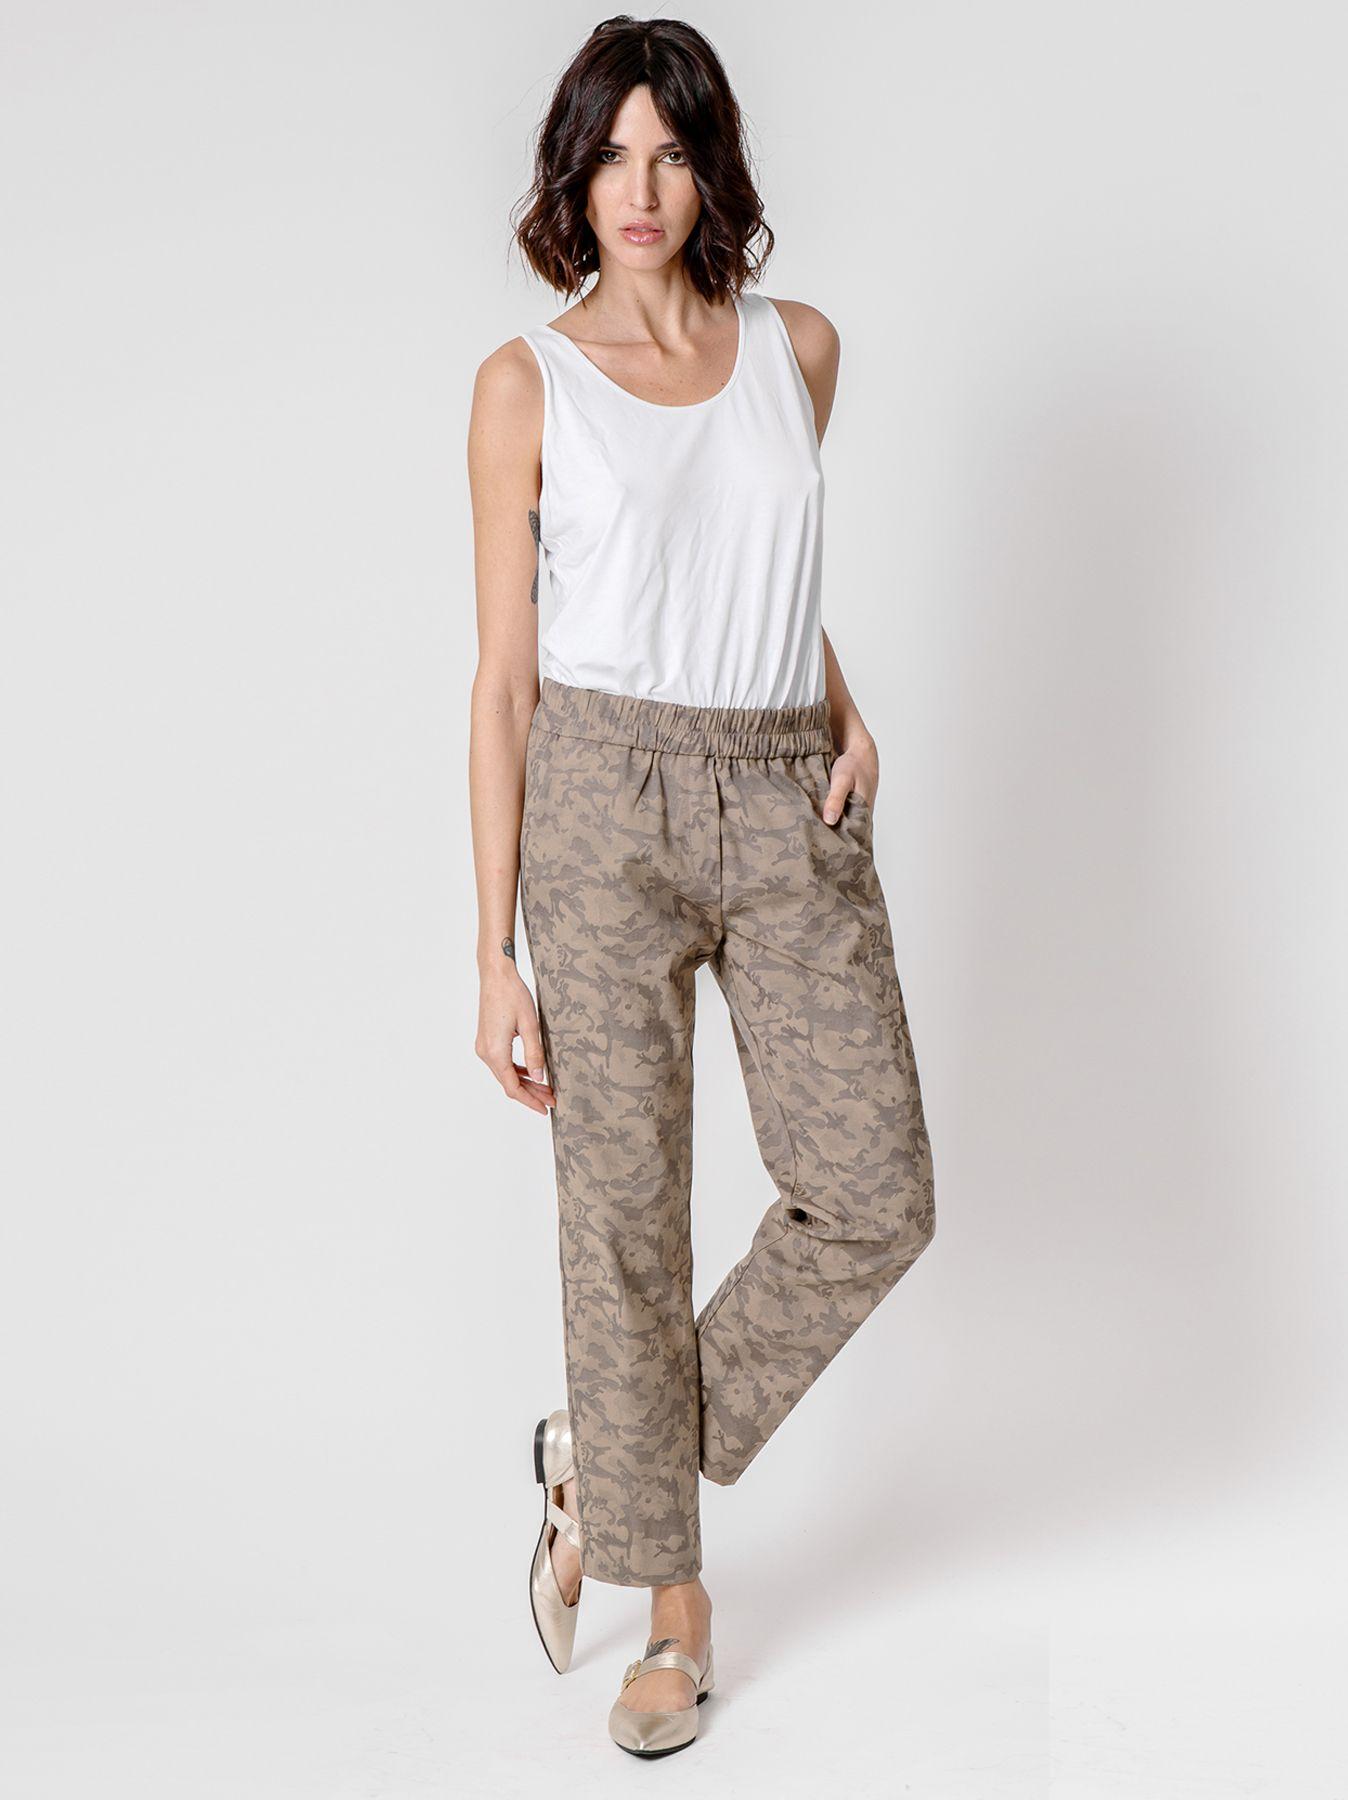 Pantalone sigaretta con disegno Camouflage